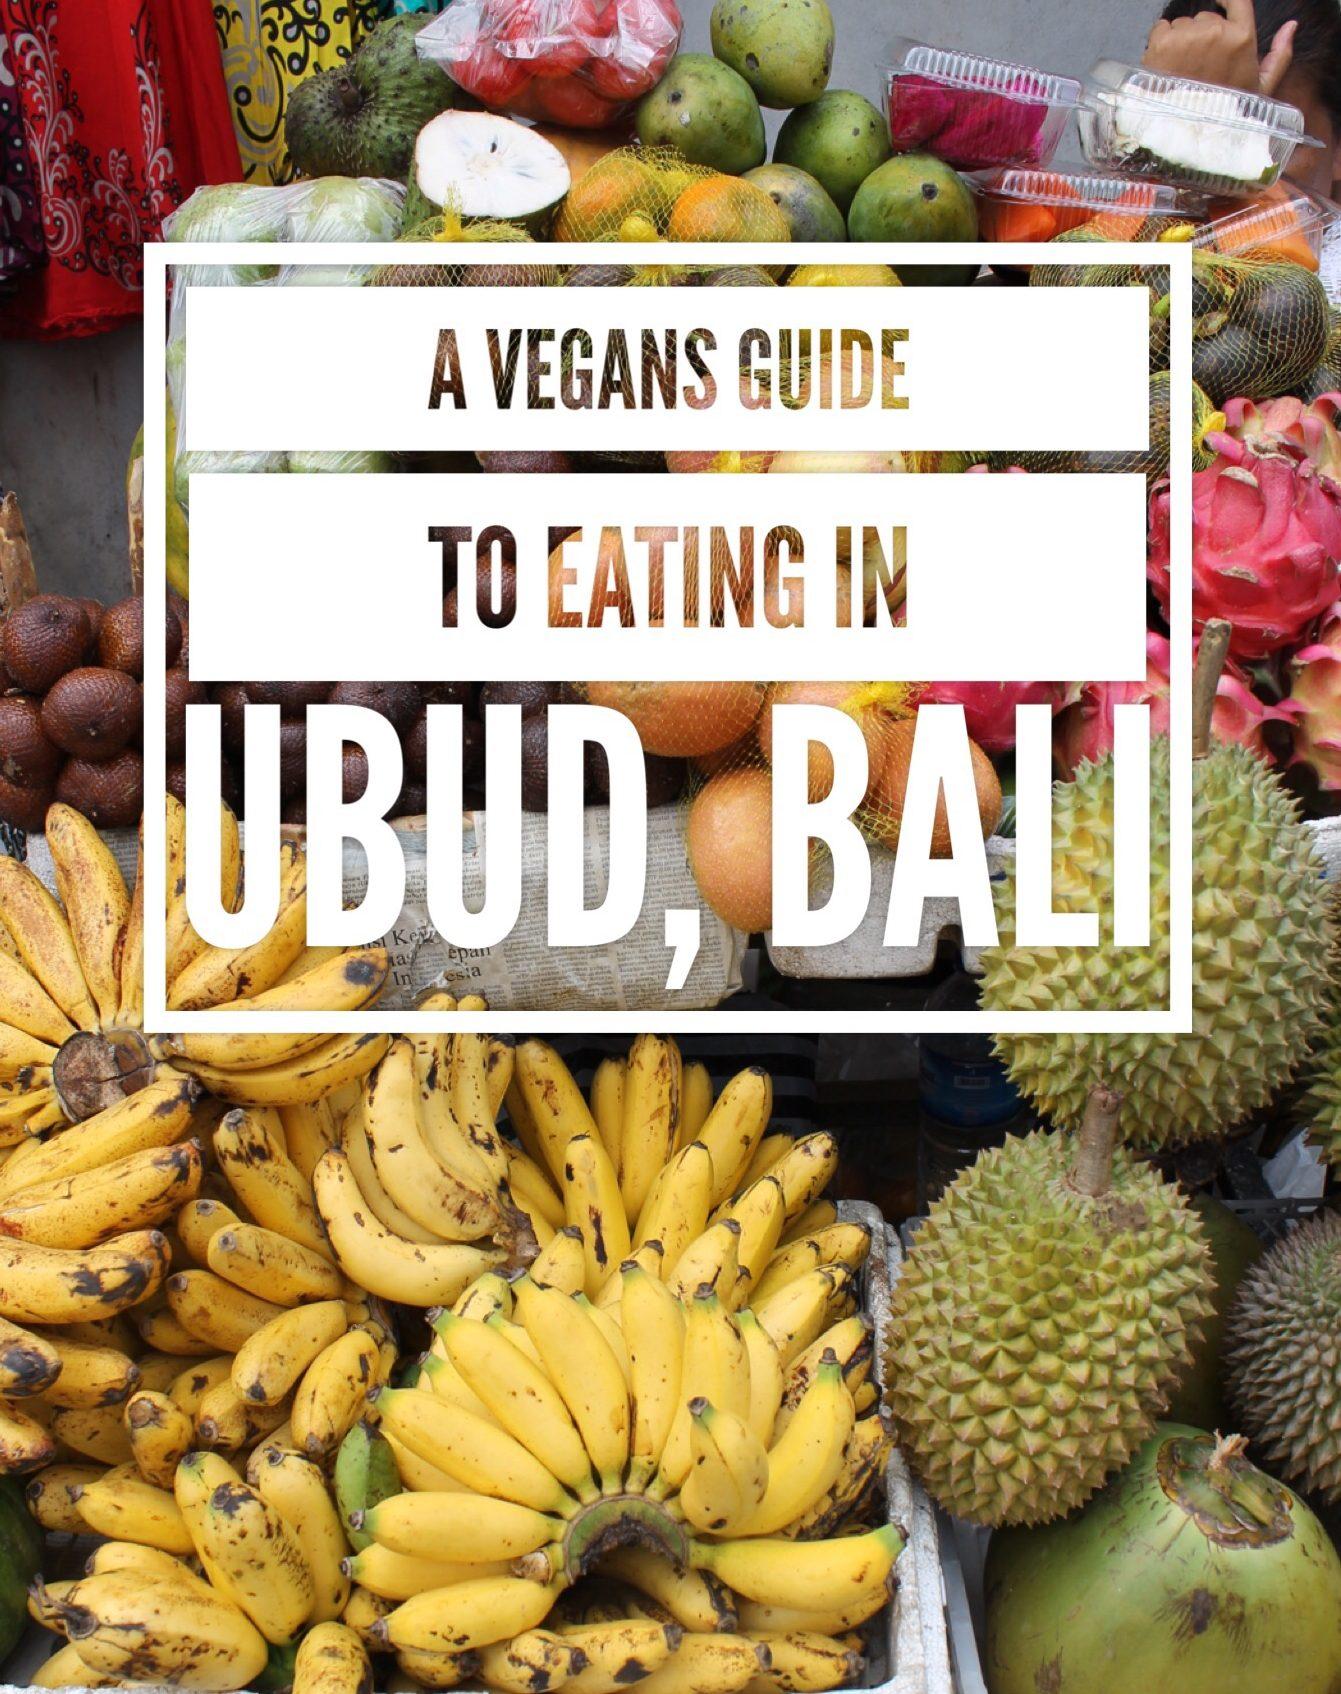 Vegan guide to eating in Ubud Bali